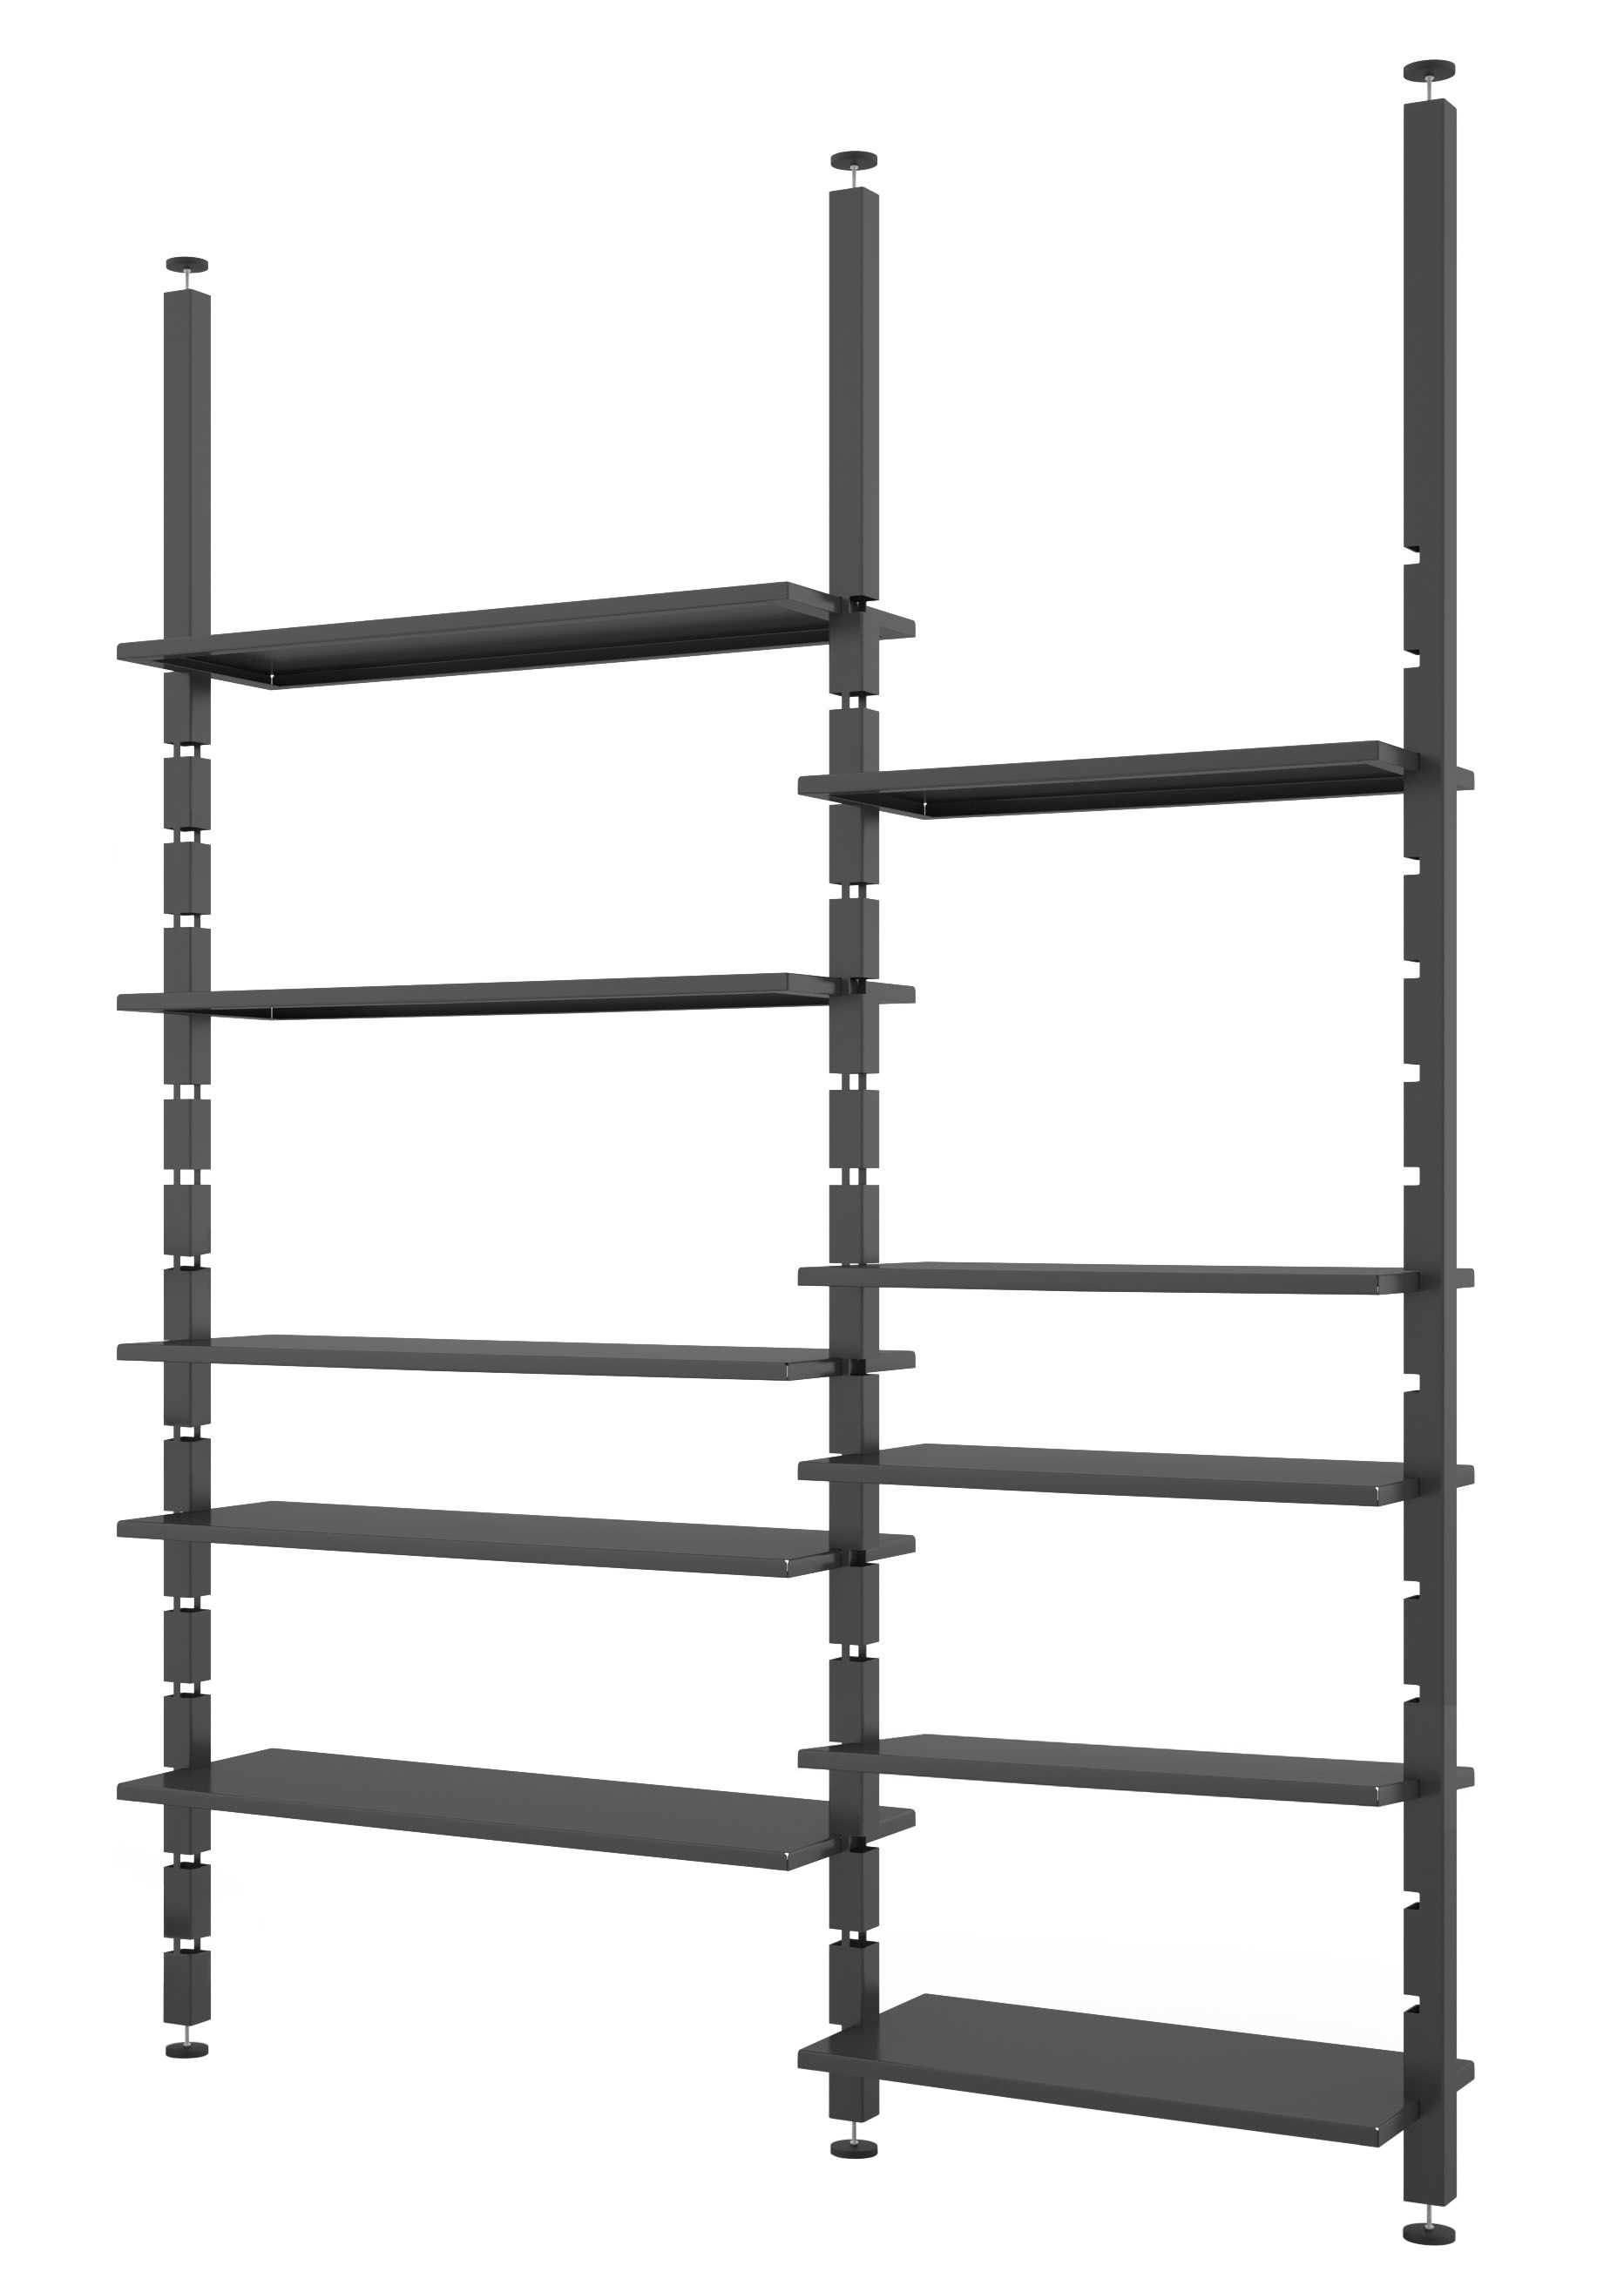 Möbel - Regale und Bücherregale - Kasper Bücherregal / Deckenmontage - L 185 cm x H max. 300 cm - Zeus - Schwarzgrau - bemalter Stahl